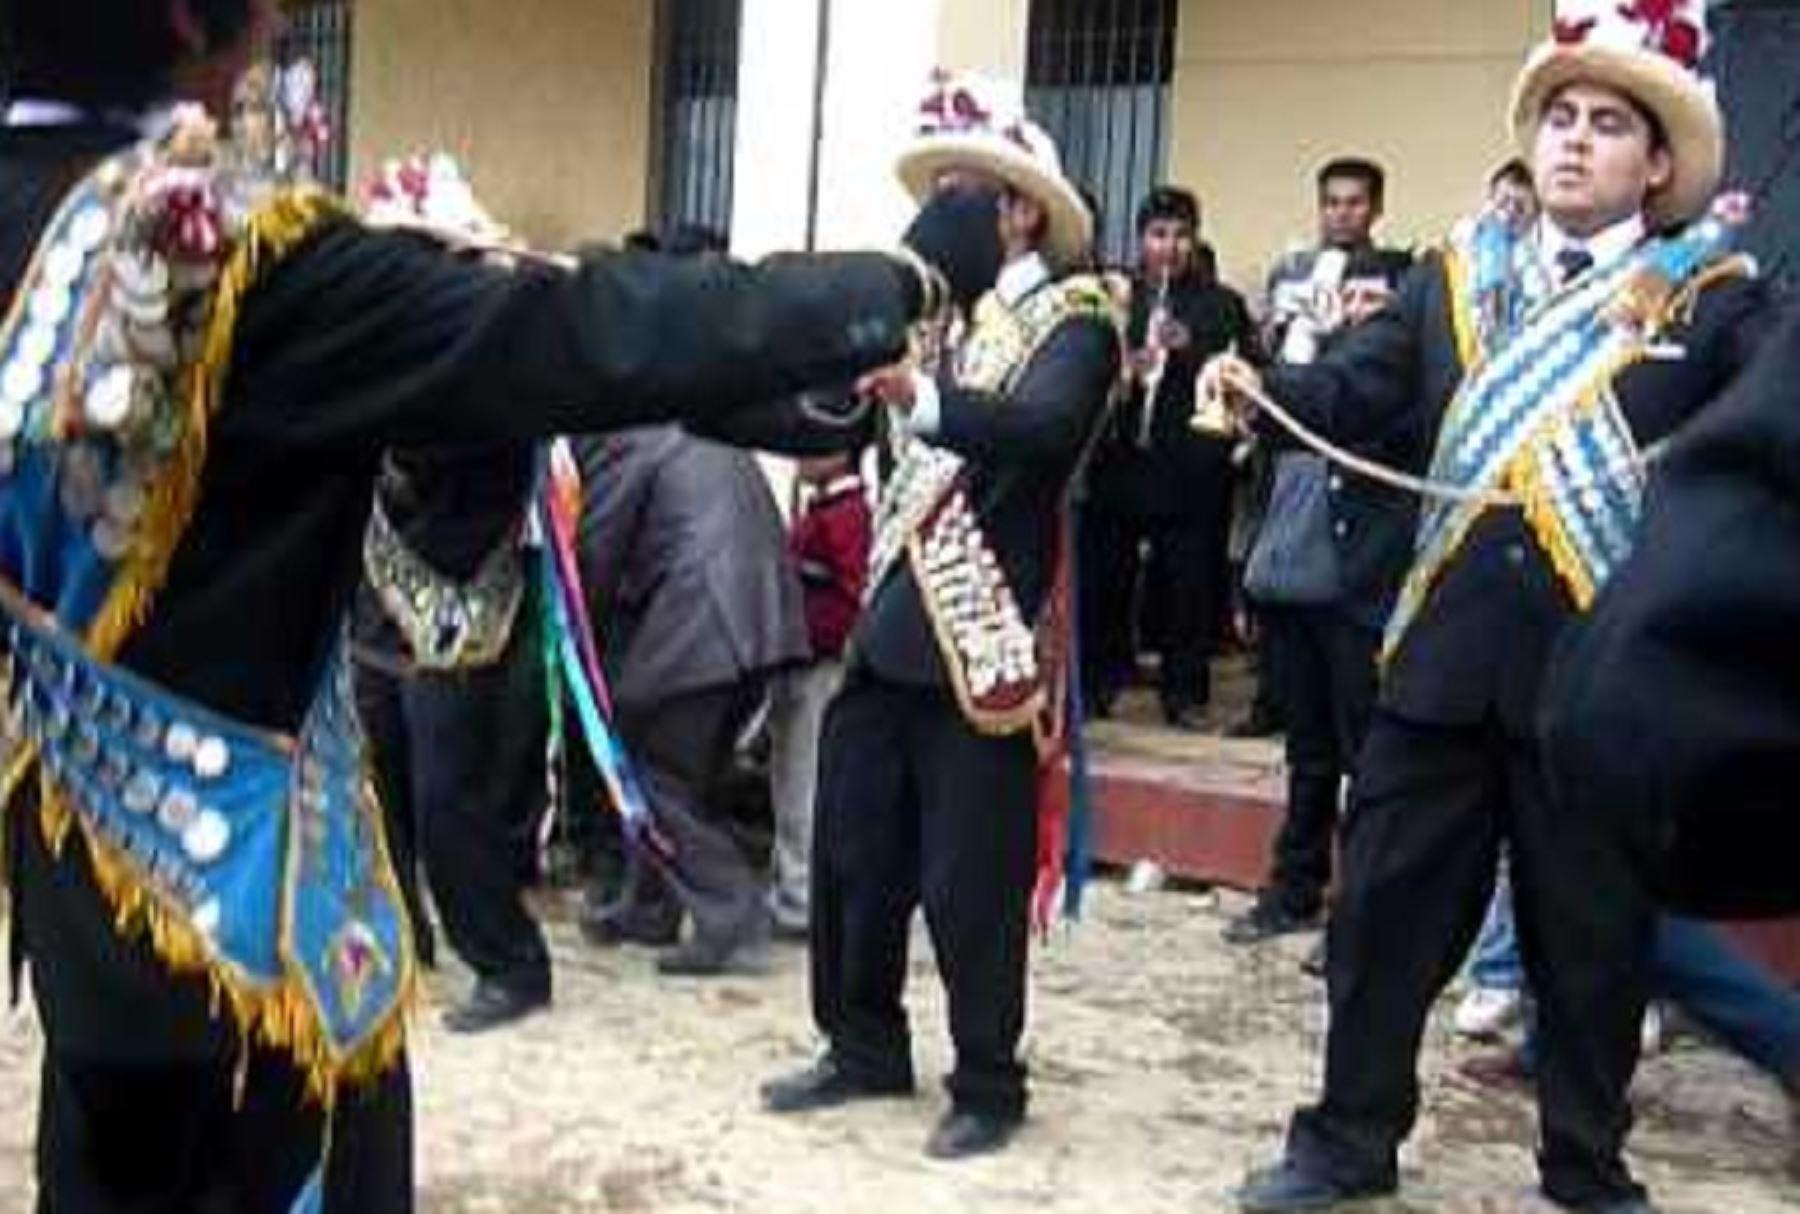 ¡Áncash celebra! Danza Negritos de Plata de Aija ya es Patrimonio Cultural de la Nación